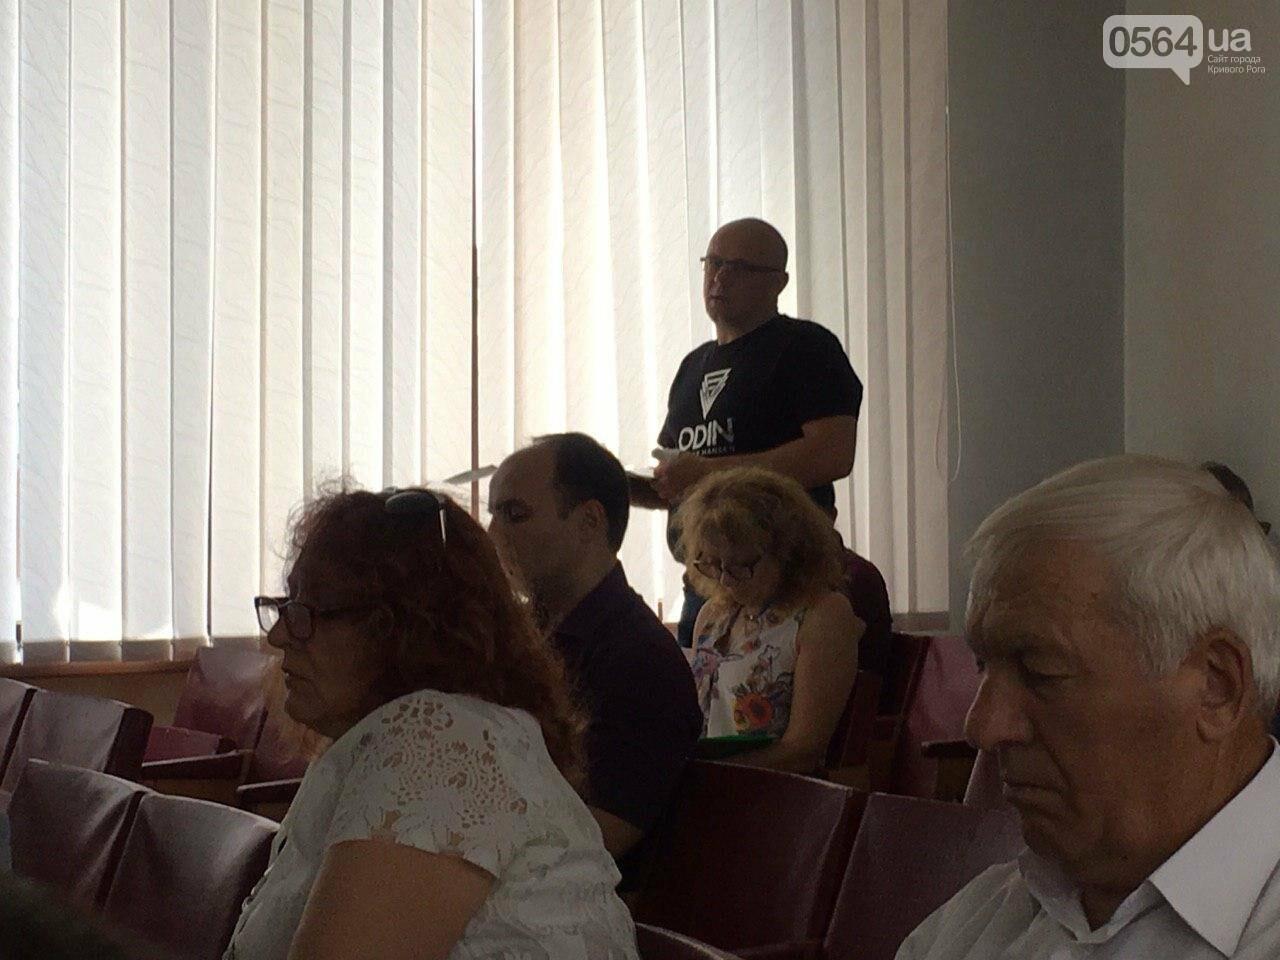 Криворожское КП пытается подготовится к отопительному сезону, несмотря на долг в полмиллиарда, - ФОТО , фото-18